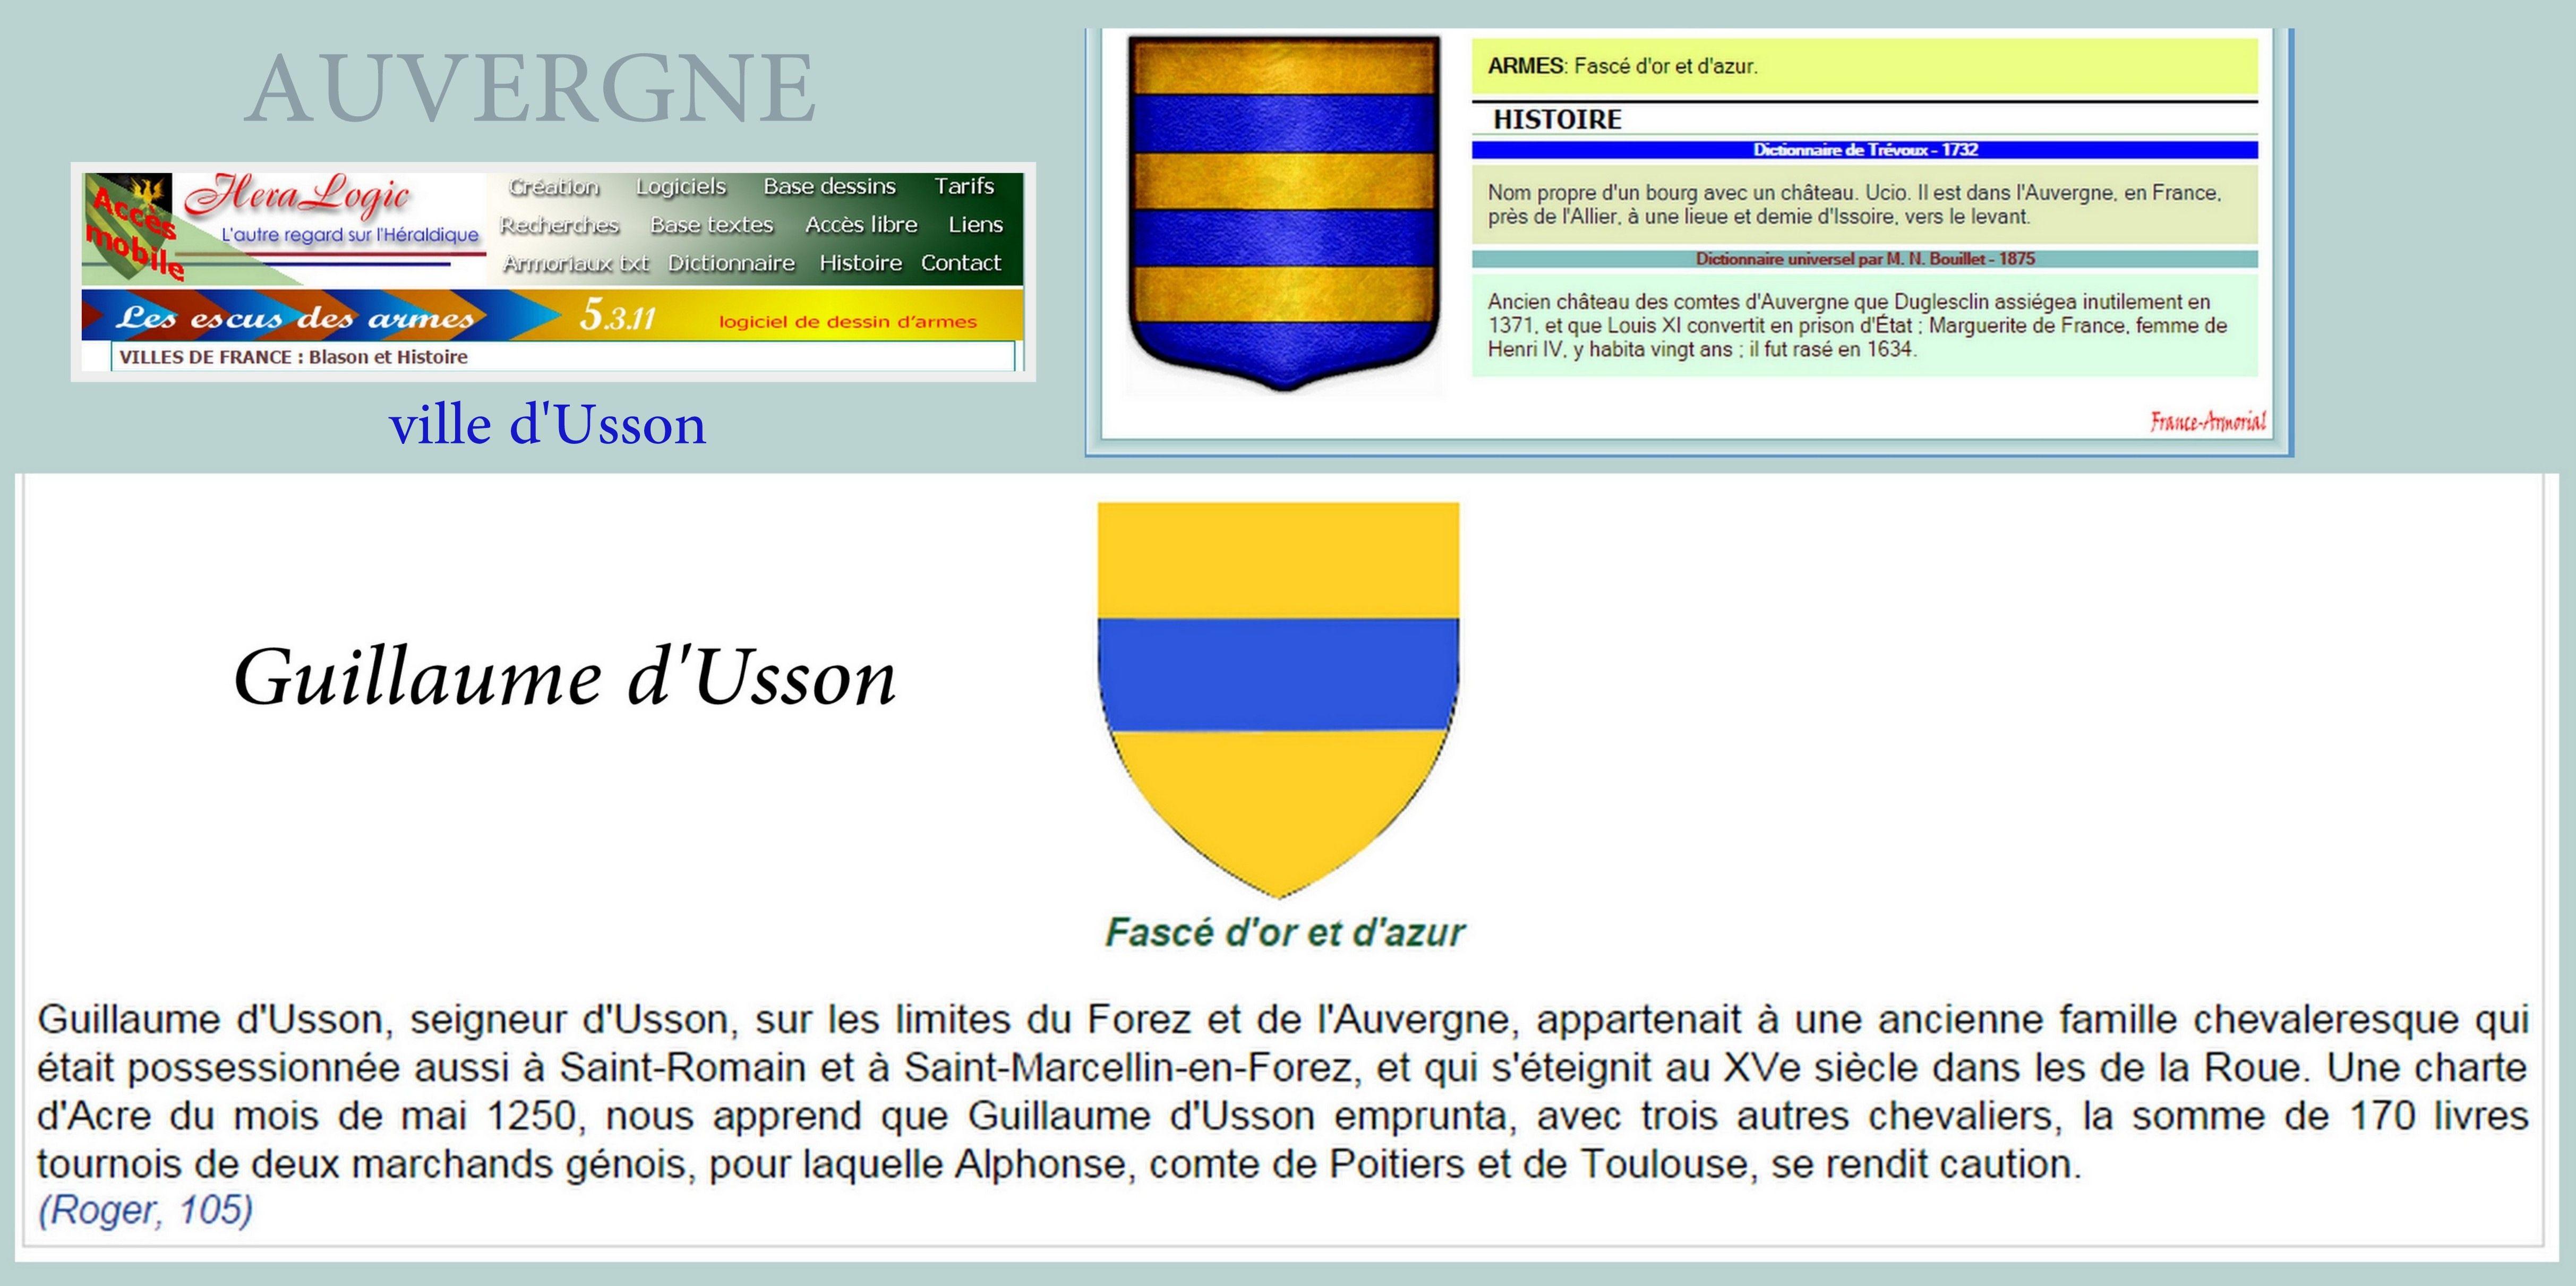 meilleur site de rencontre gay meaning a Caen